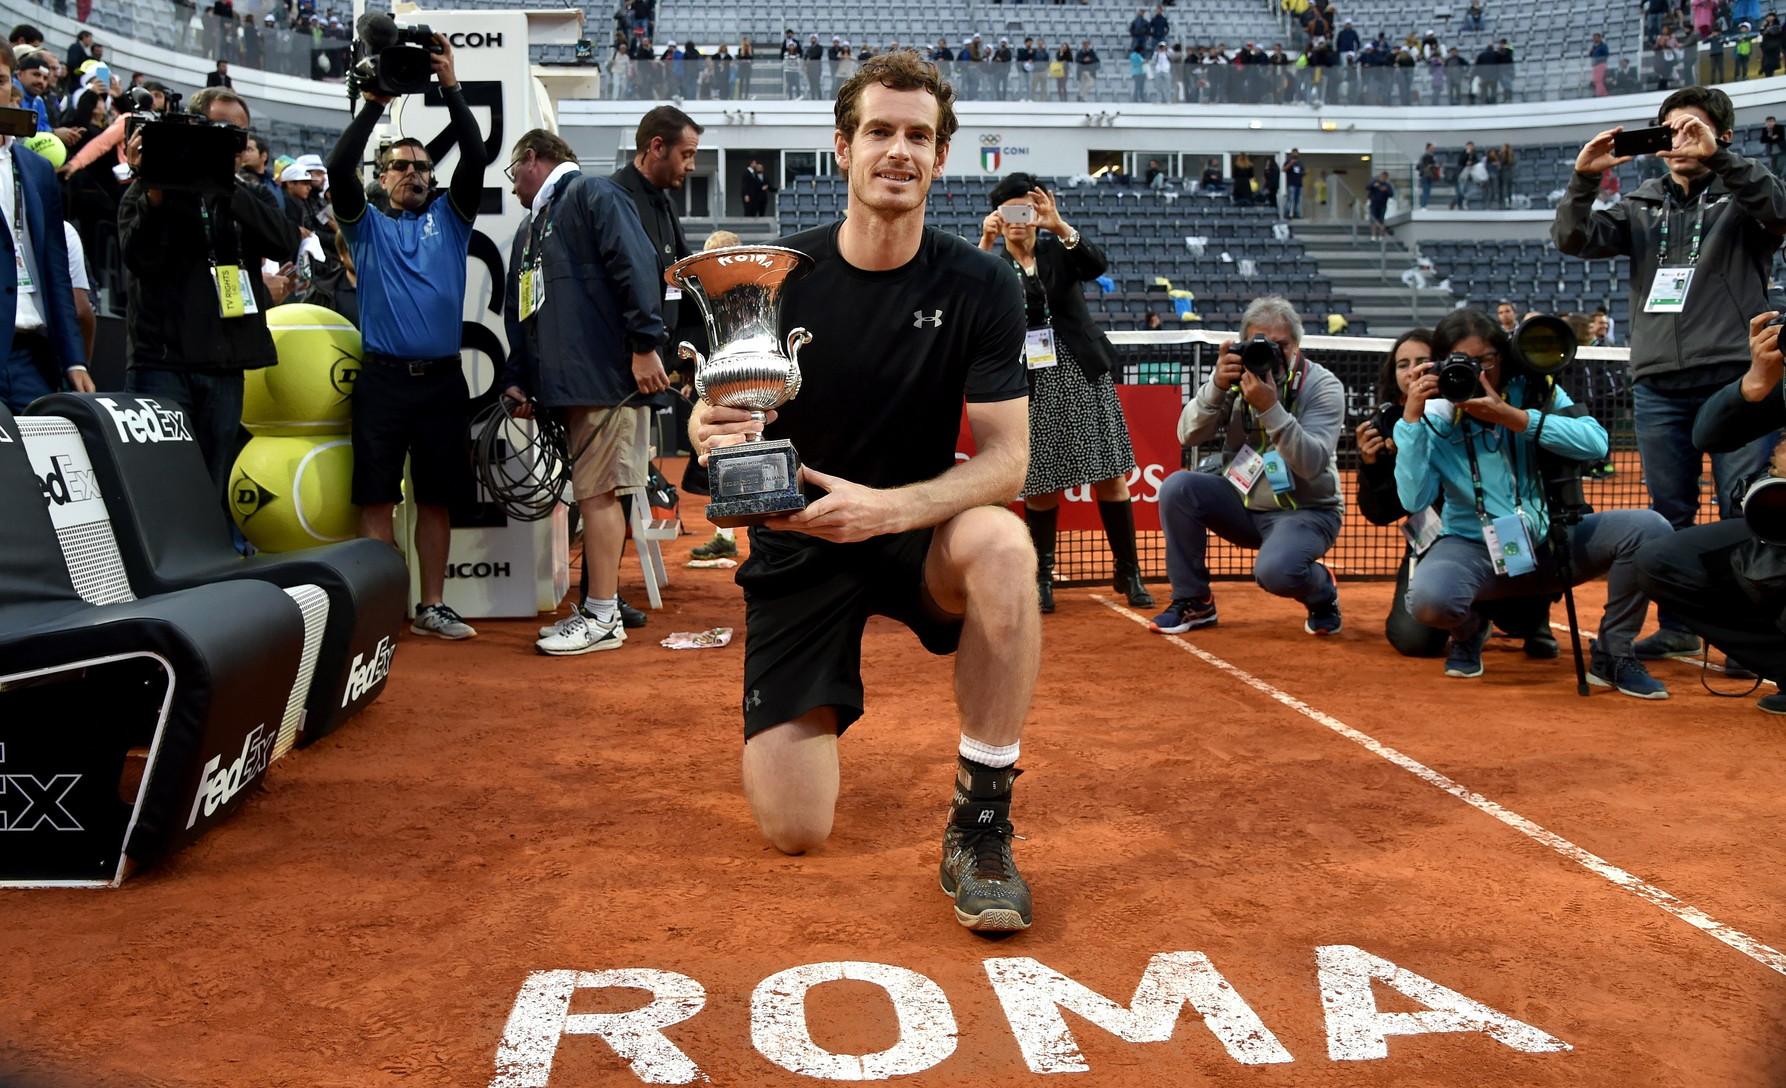 Djokovic ha raggiunto la finale anche nei due anni successivi. Nel 2016, sotto una pioggia leggera, ha perso contro Andy Murray che ha festeggiato al meglio il 29º compleanno.